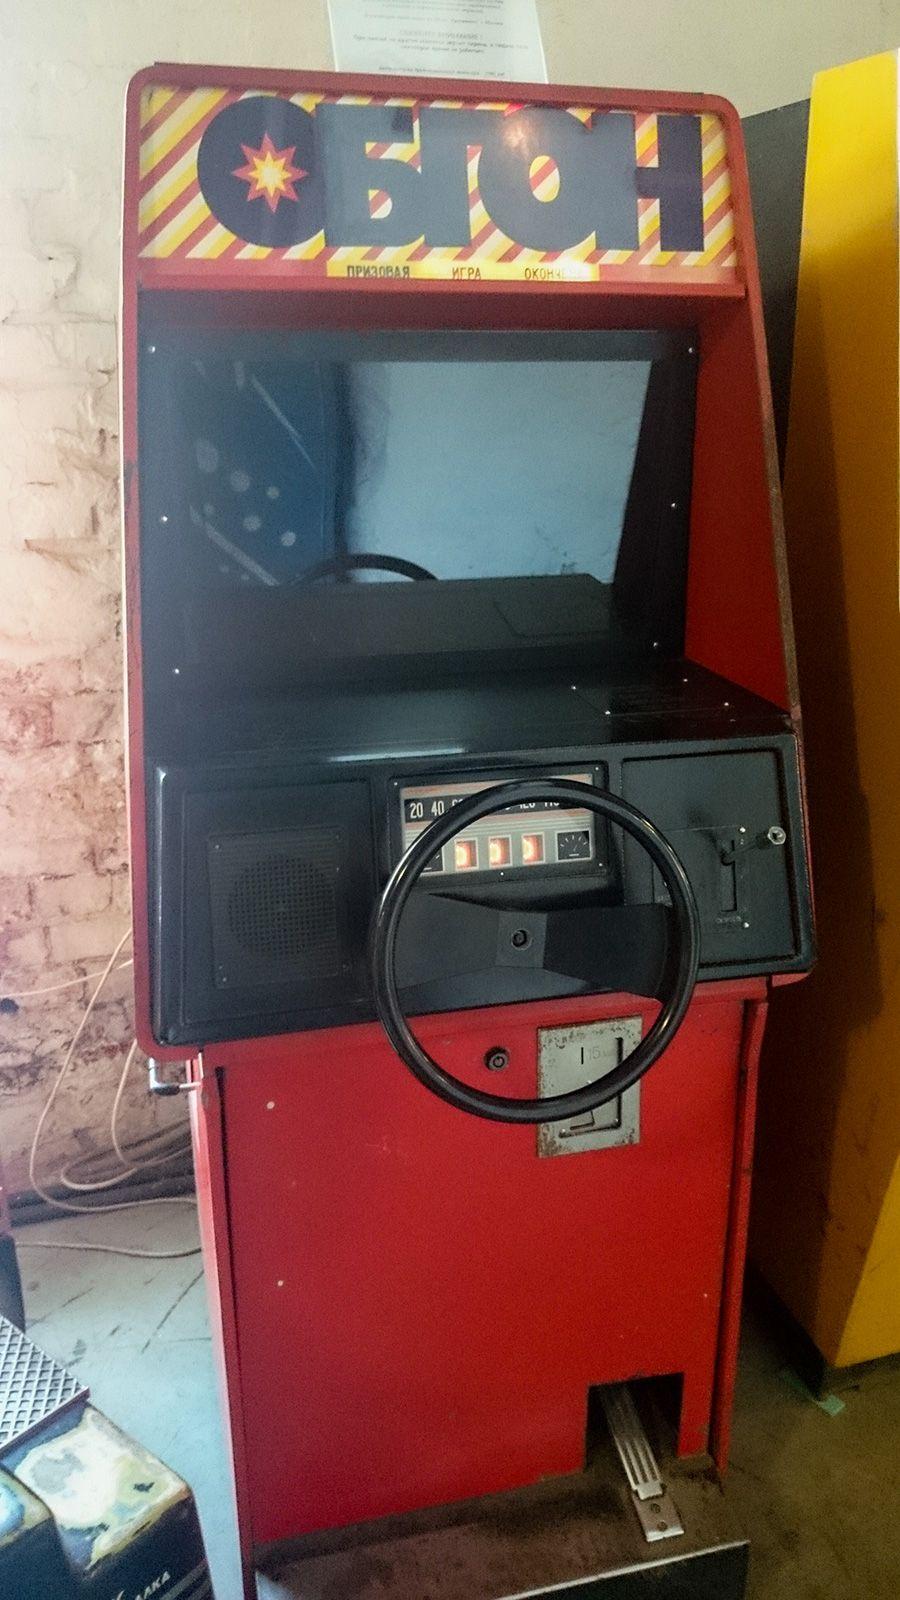 Игровые автоматы.уста правды автоматический предсказатель судьбы разрешили открыть игровые аппараты